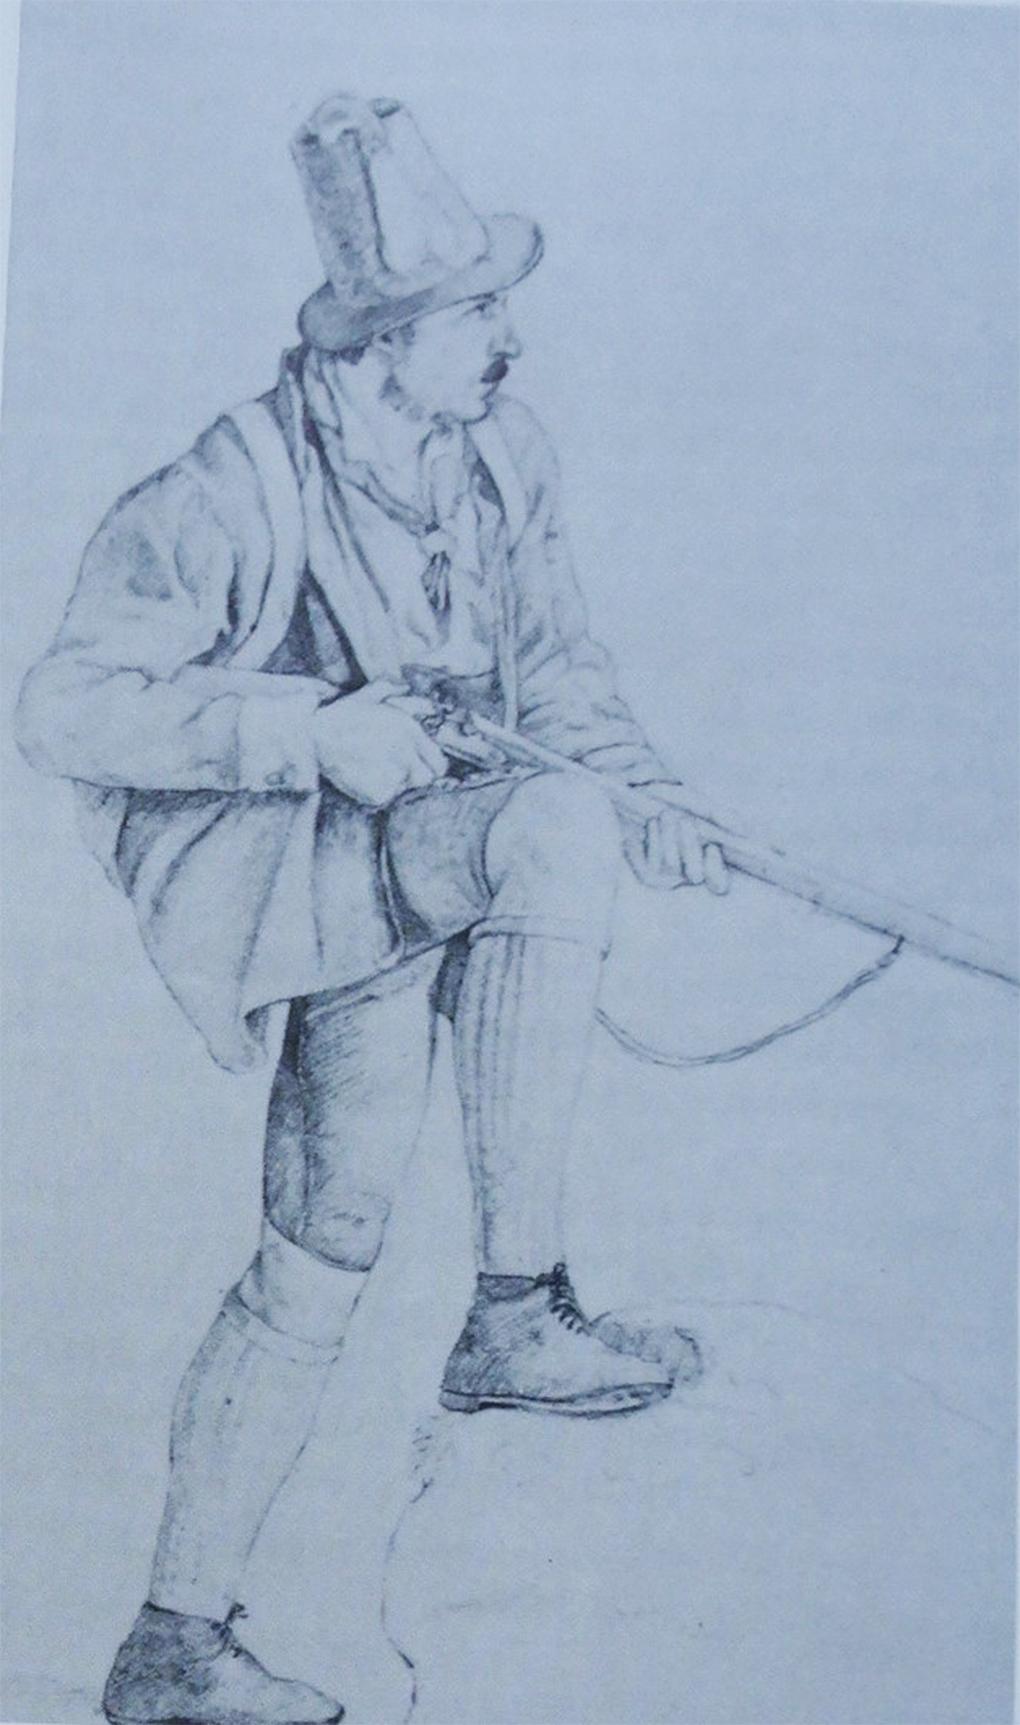 Wirth, Myśliwy z Tegernsee, 1811, rysunek ołówkiem na papierze, reprodukcja w: H. Halmbacher, Das Tegernsee Tal in historischen Bildern, Hausham 1982, t. 2, s. s. 291